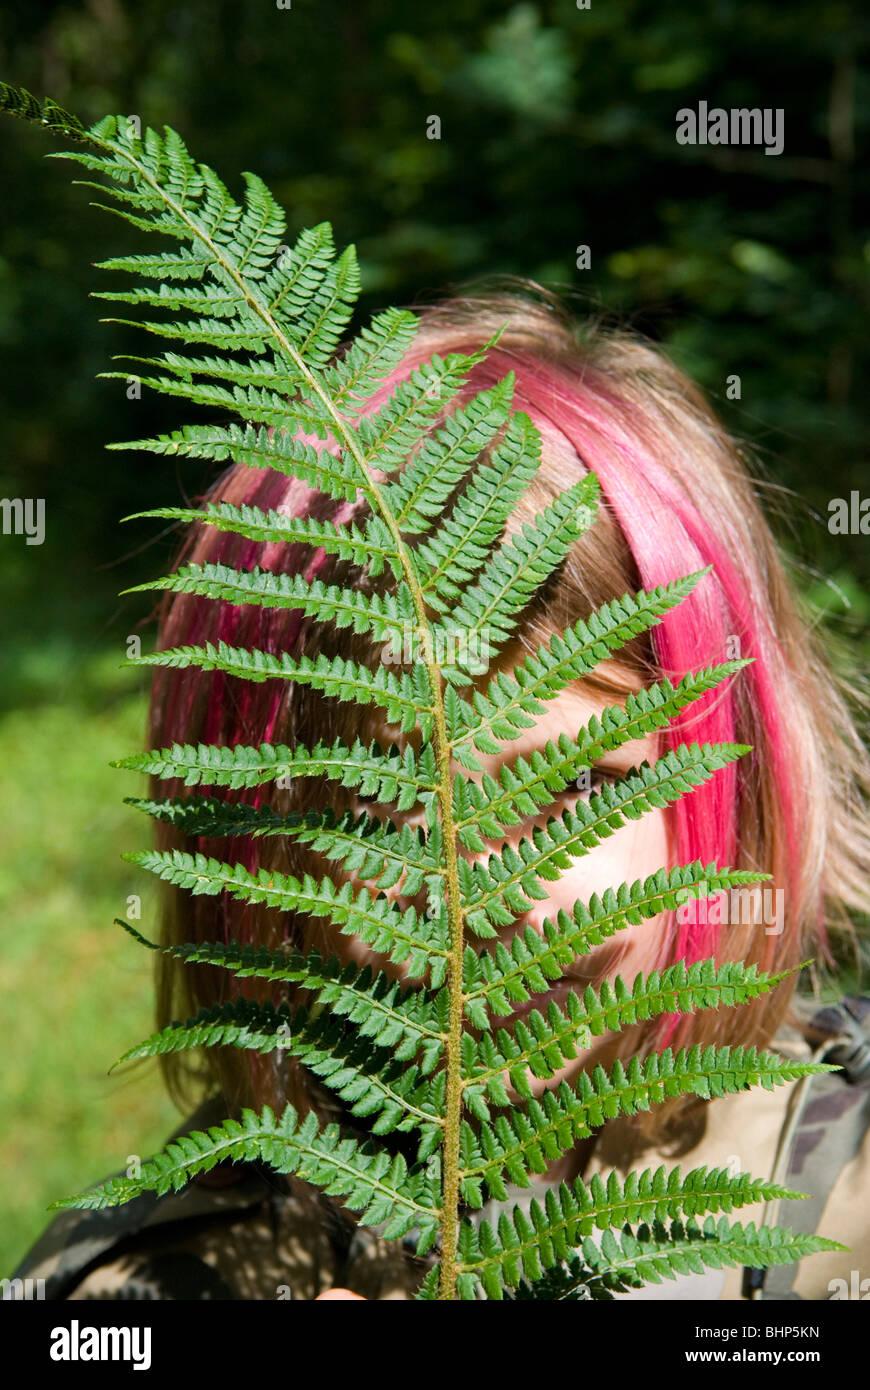 Una joven con el cabello teñido de rosa bob se esconde detrás de una hoja de helecho verde brillante que Imagen De Stock